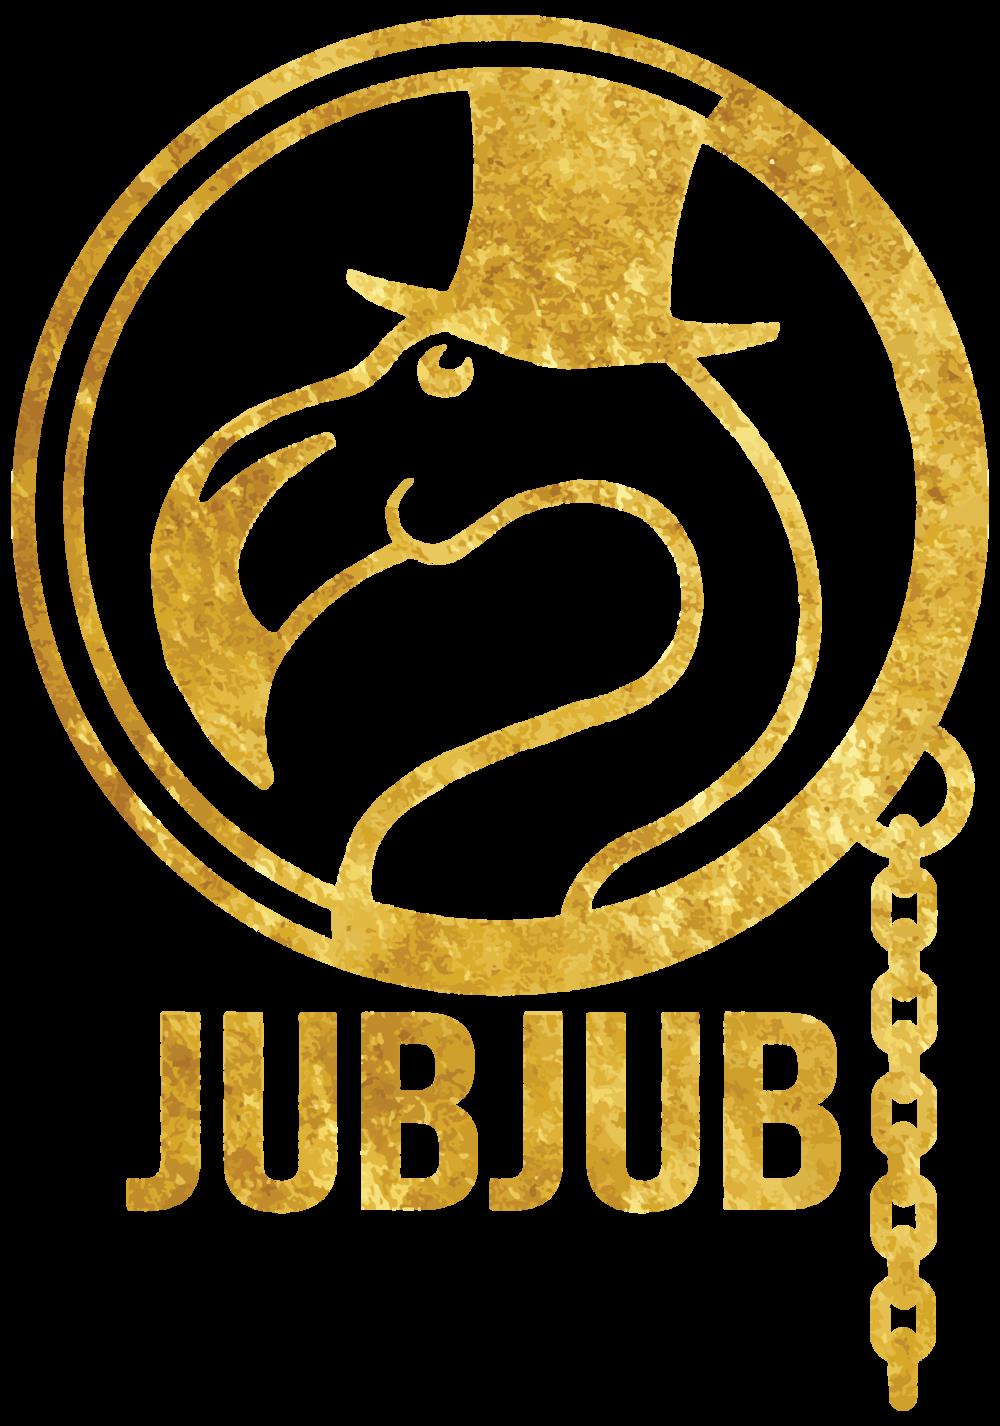 Callooh-Jubjub-logo.png